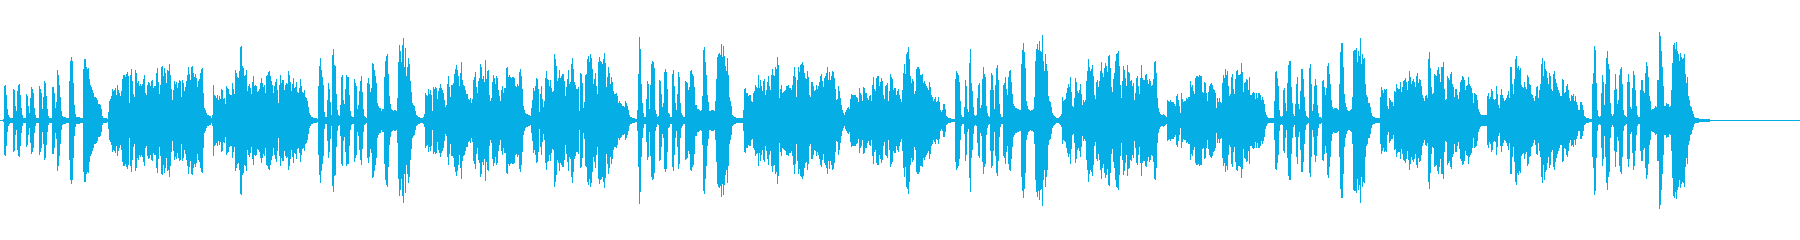 あめふり【ソプラノとピアノ】楽しい童謡の再生済みの波形